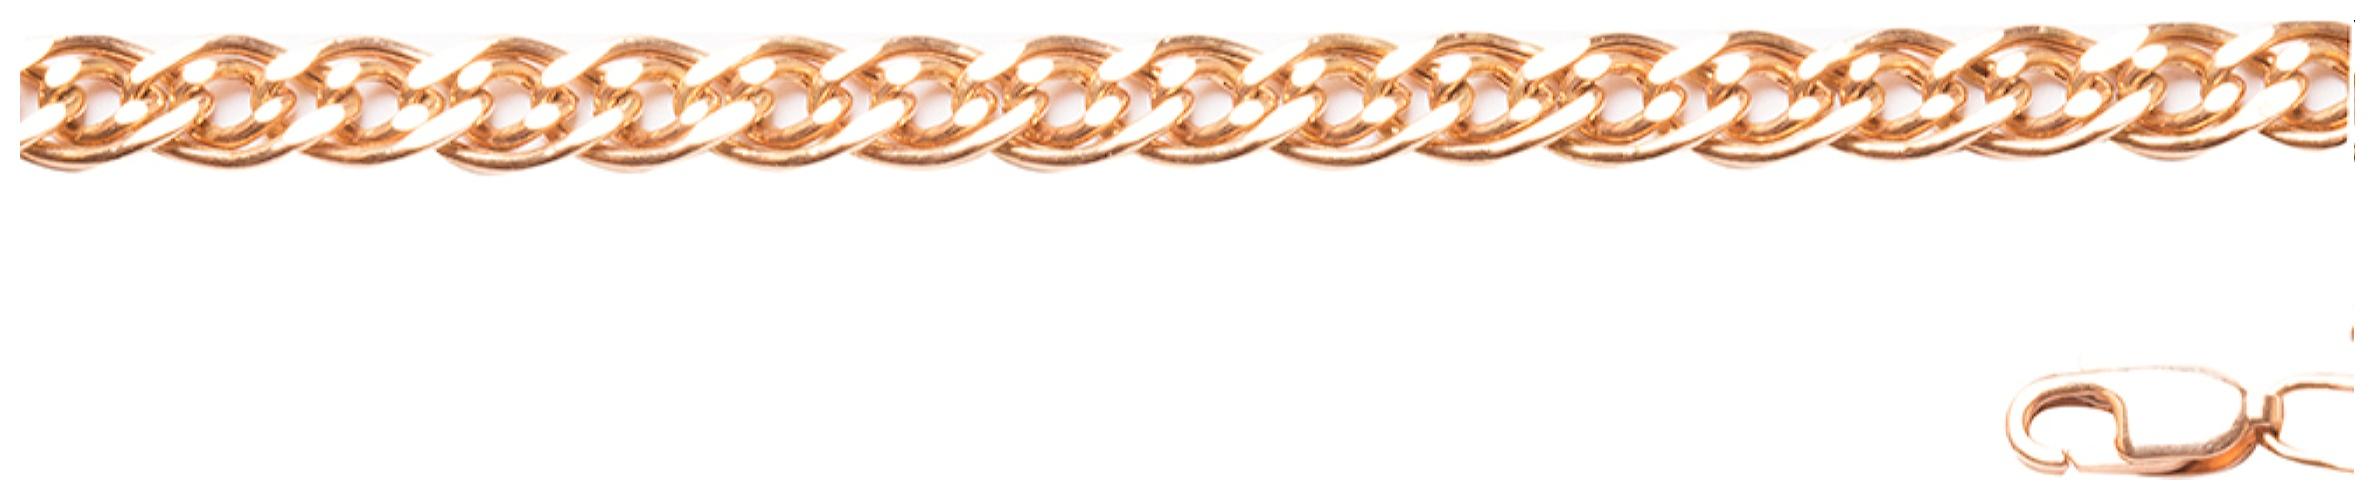 картинка браслет из золота 585° 41-01-0100-30222